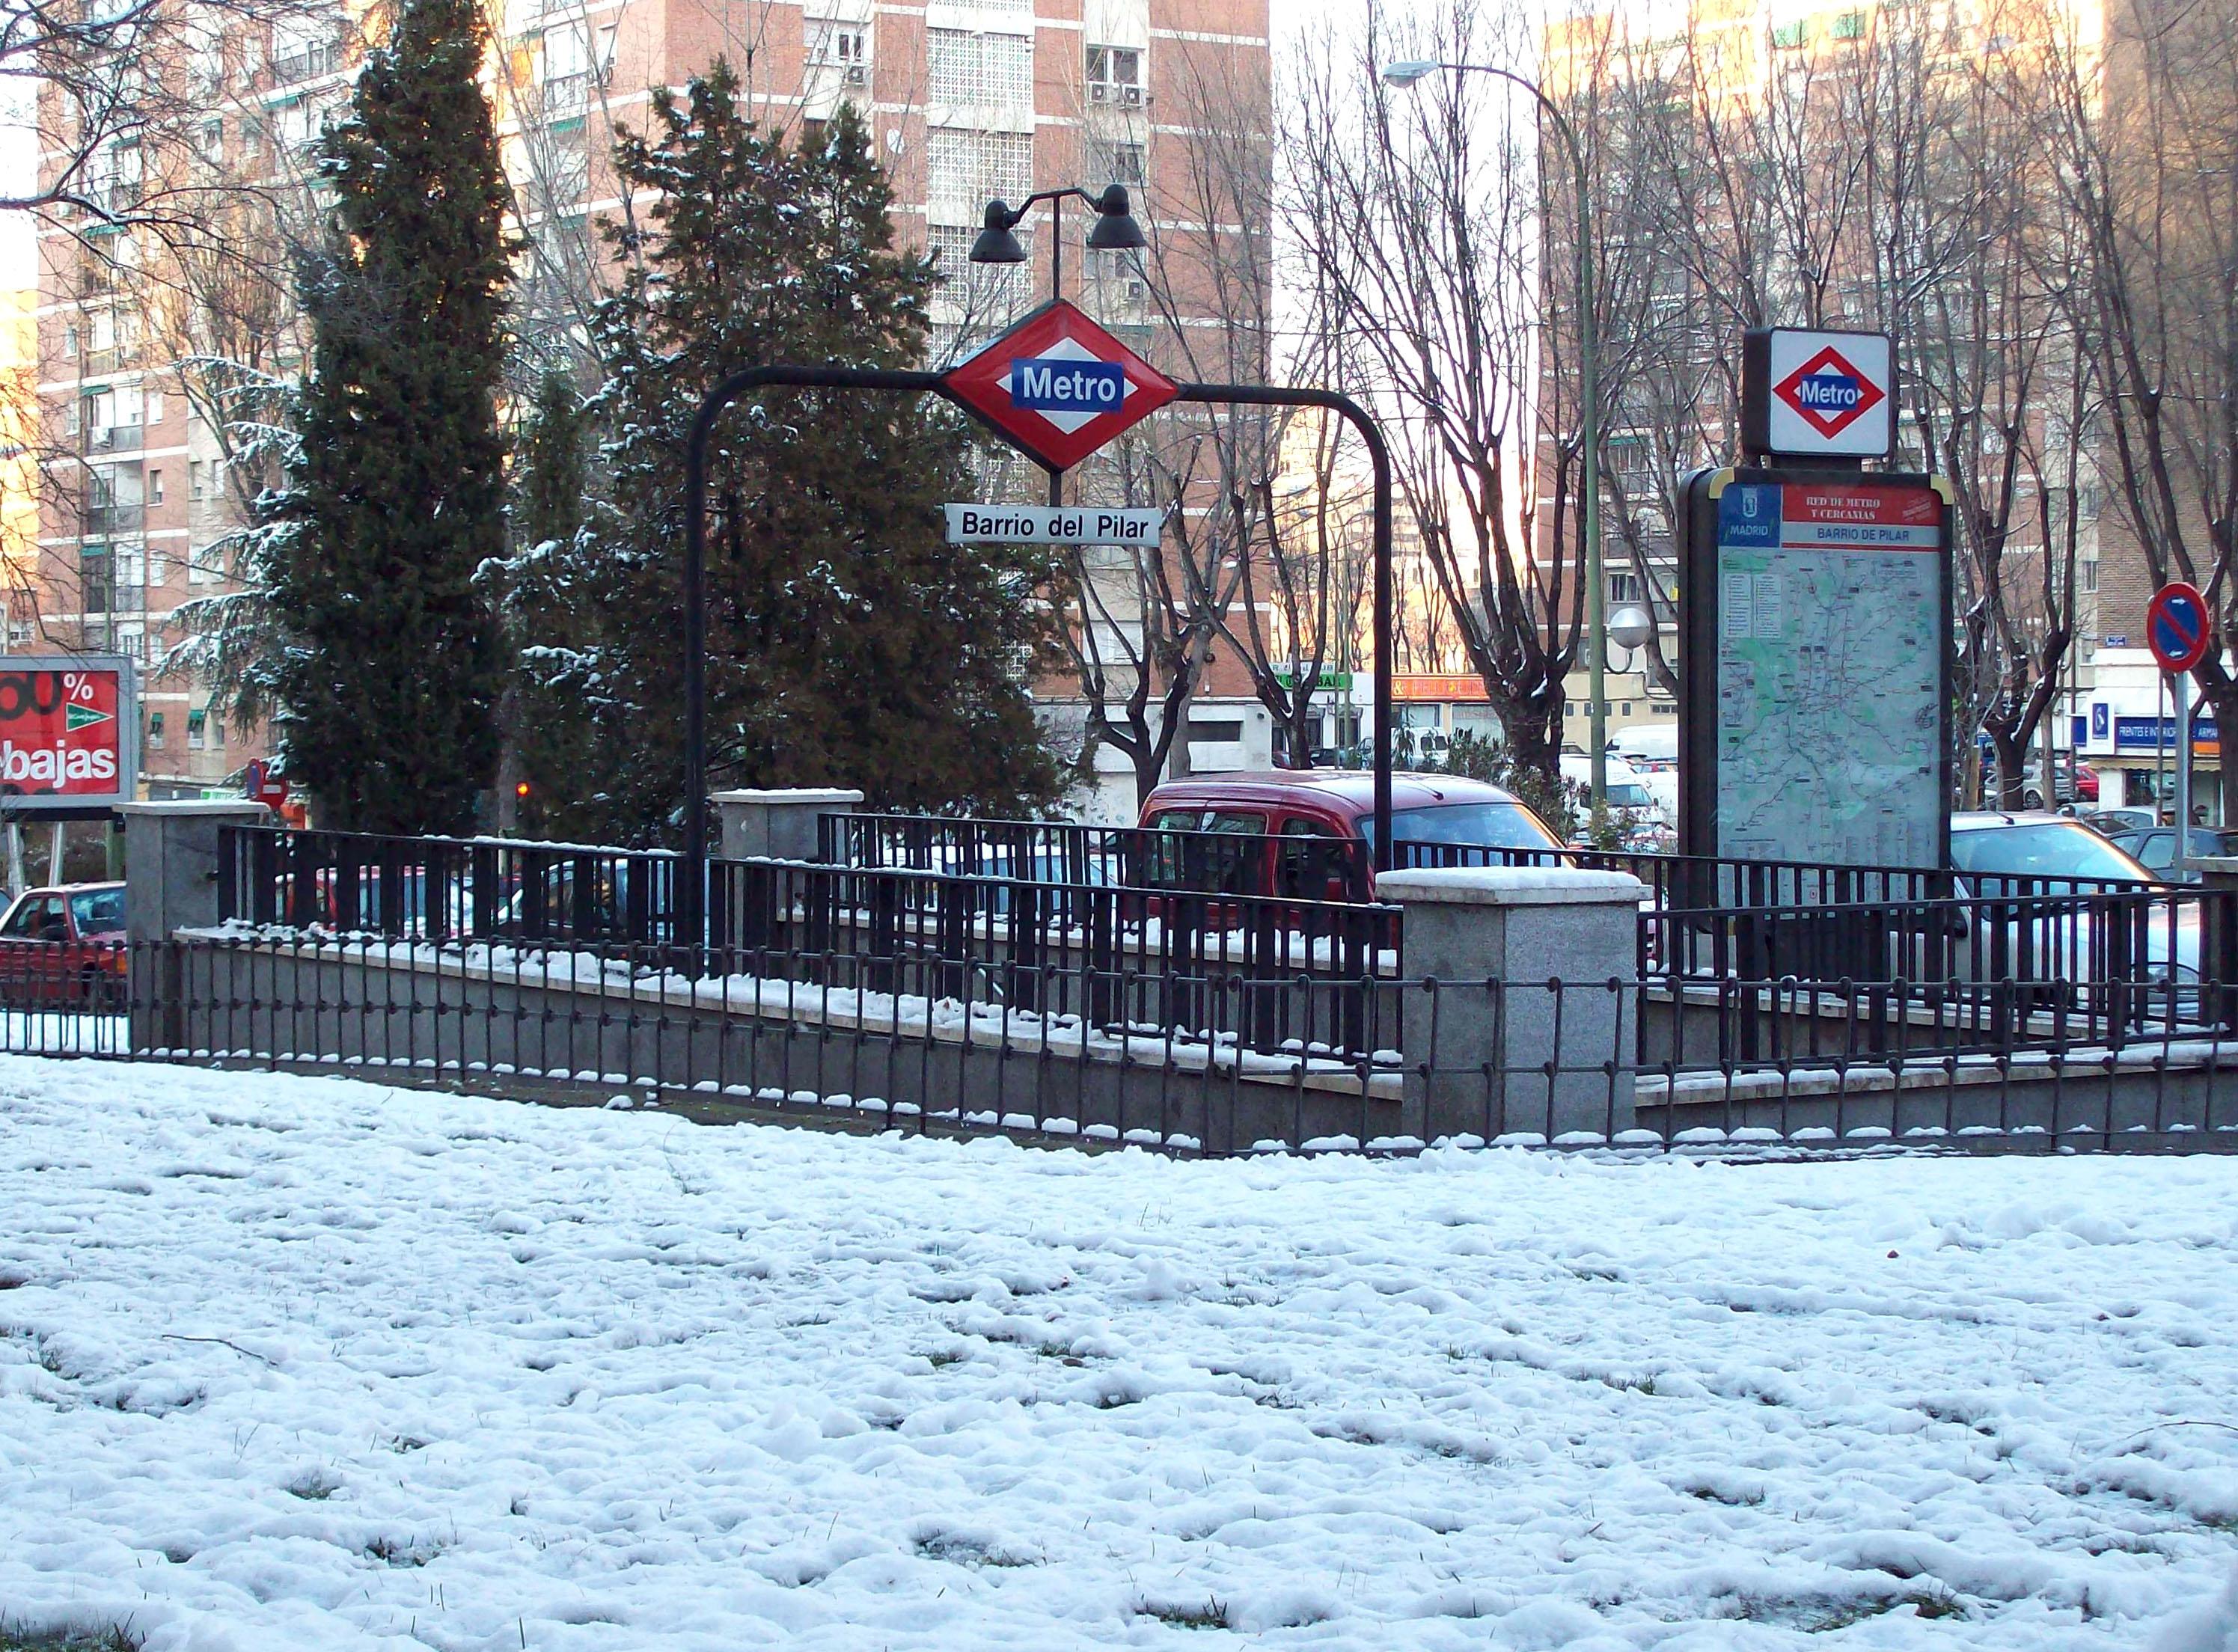 Metro_de_Madrid_-_Barrio_del_Pilar_01